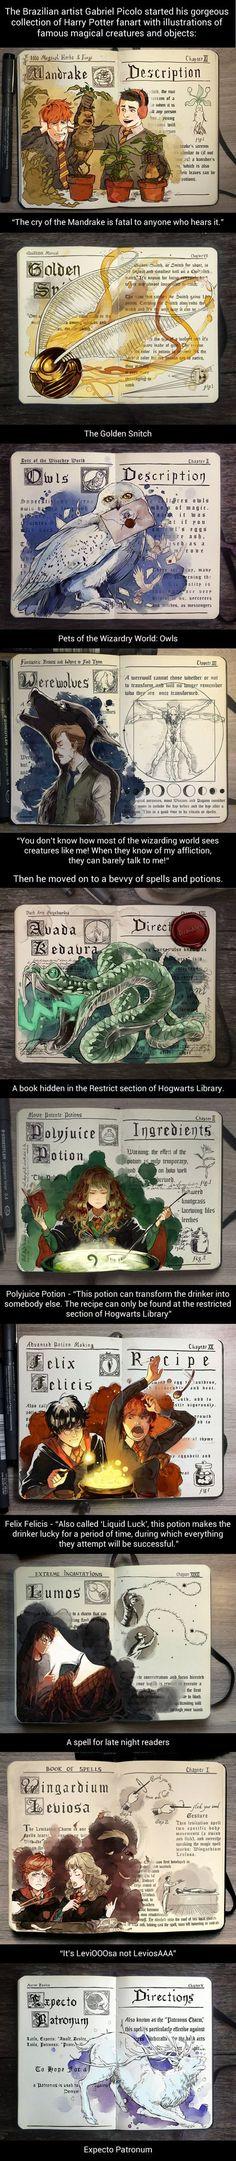 Les fans se font une joie d'illustrer les idées de Rowling et le travail de Gabriel Picolo vaut clairement qu'on y jette un oeil.: